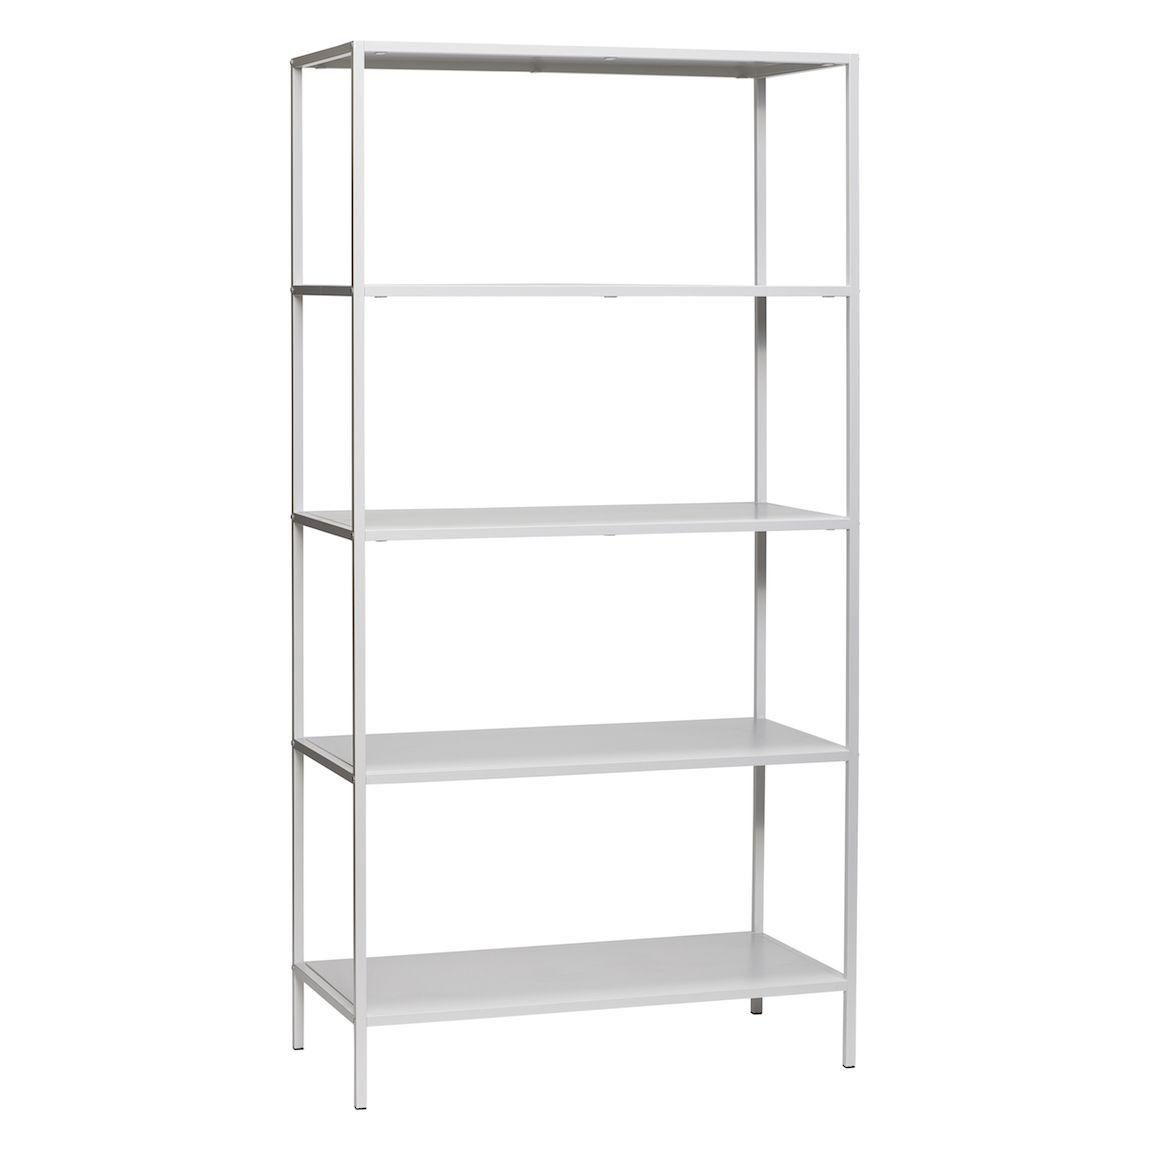 Hübsch Interior Metallregal in Weiß oder Schwarz kaufen